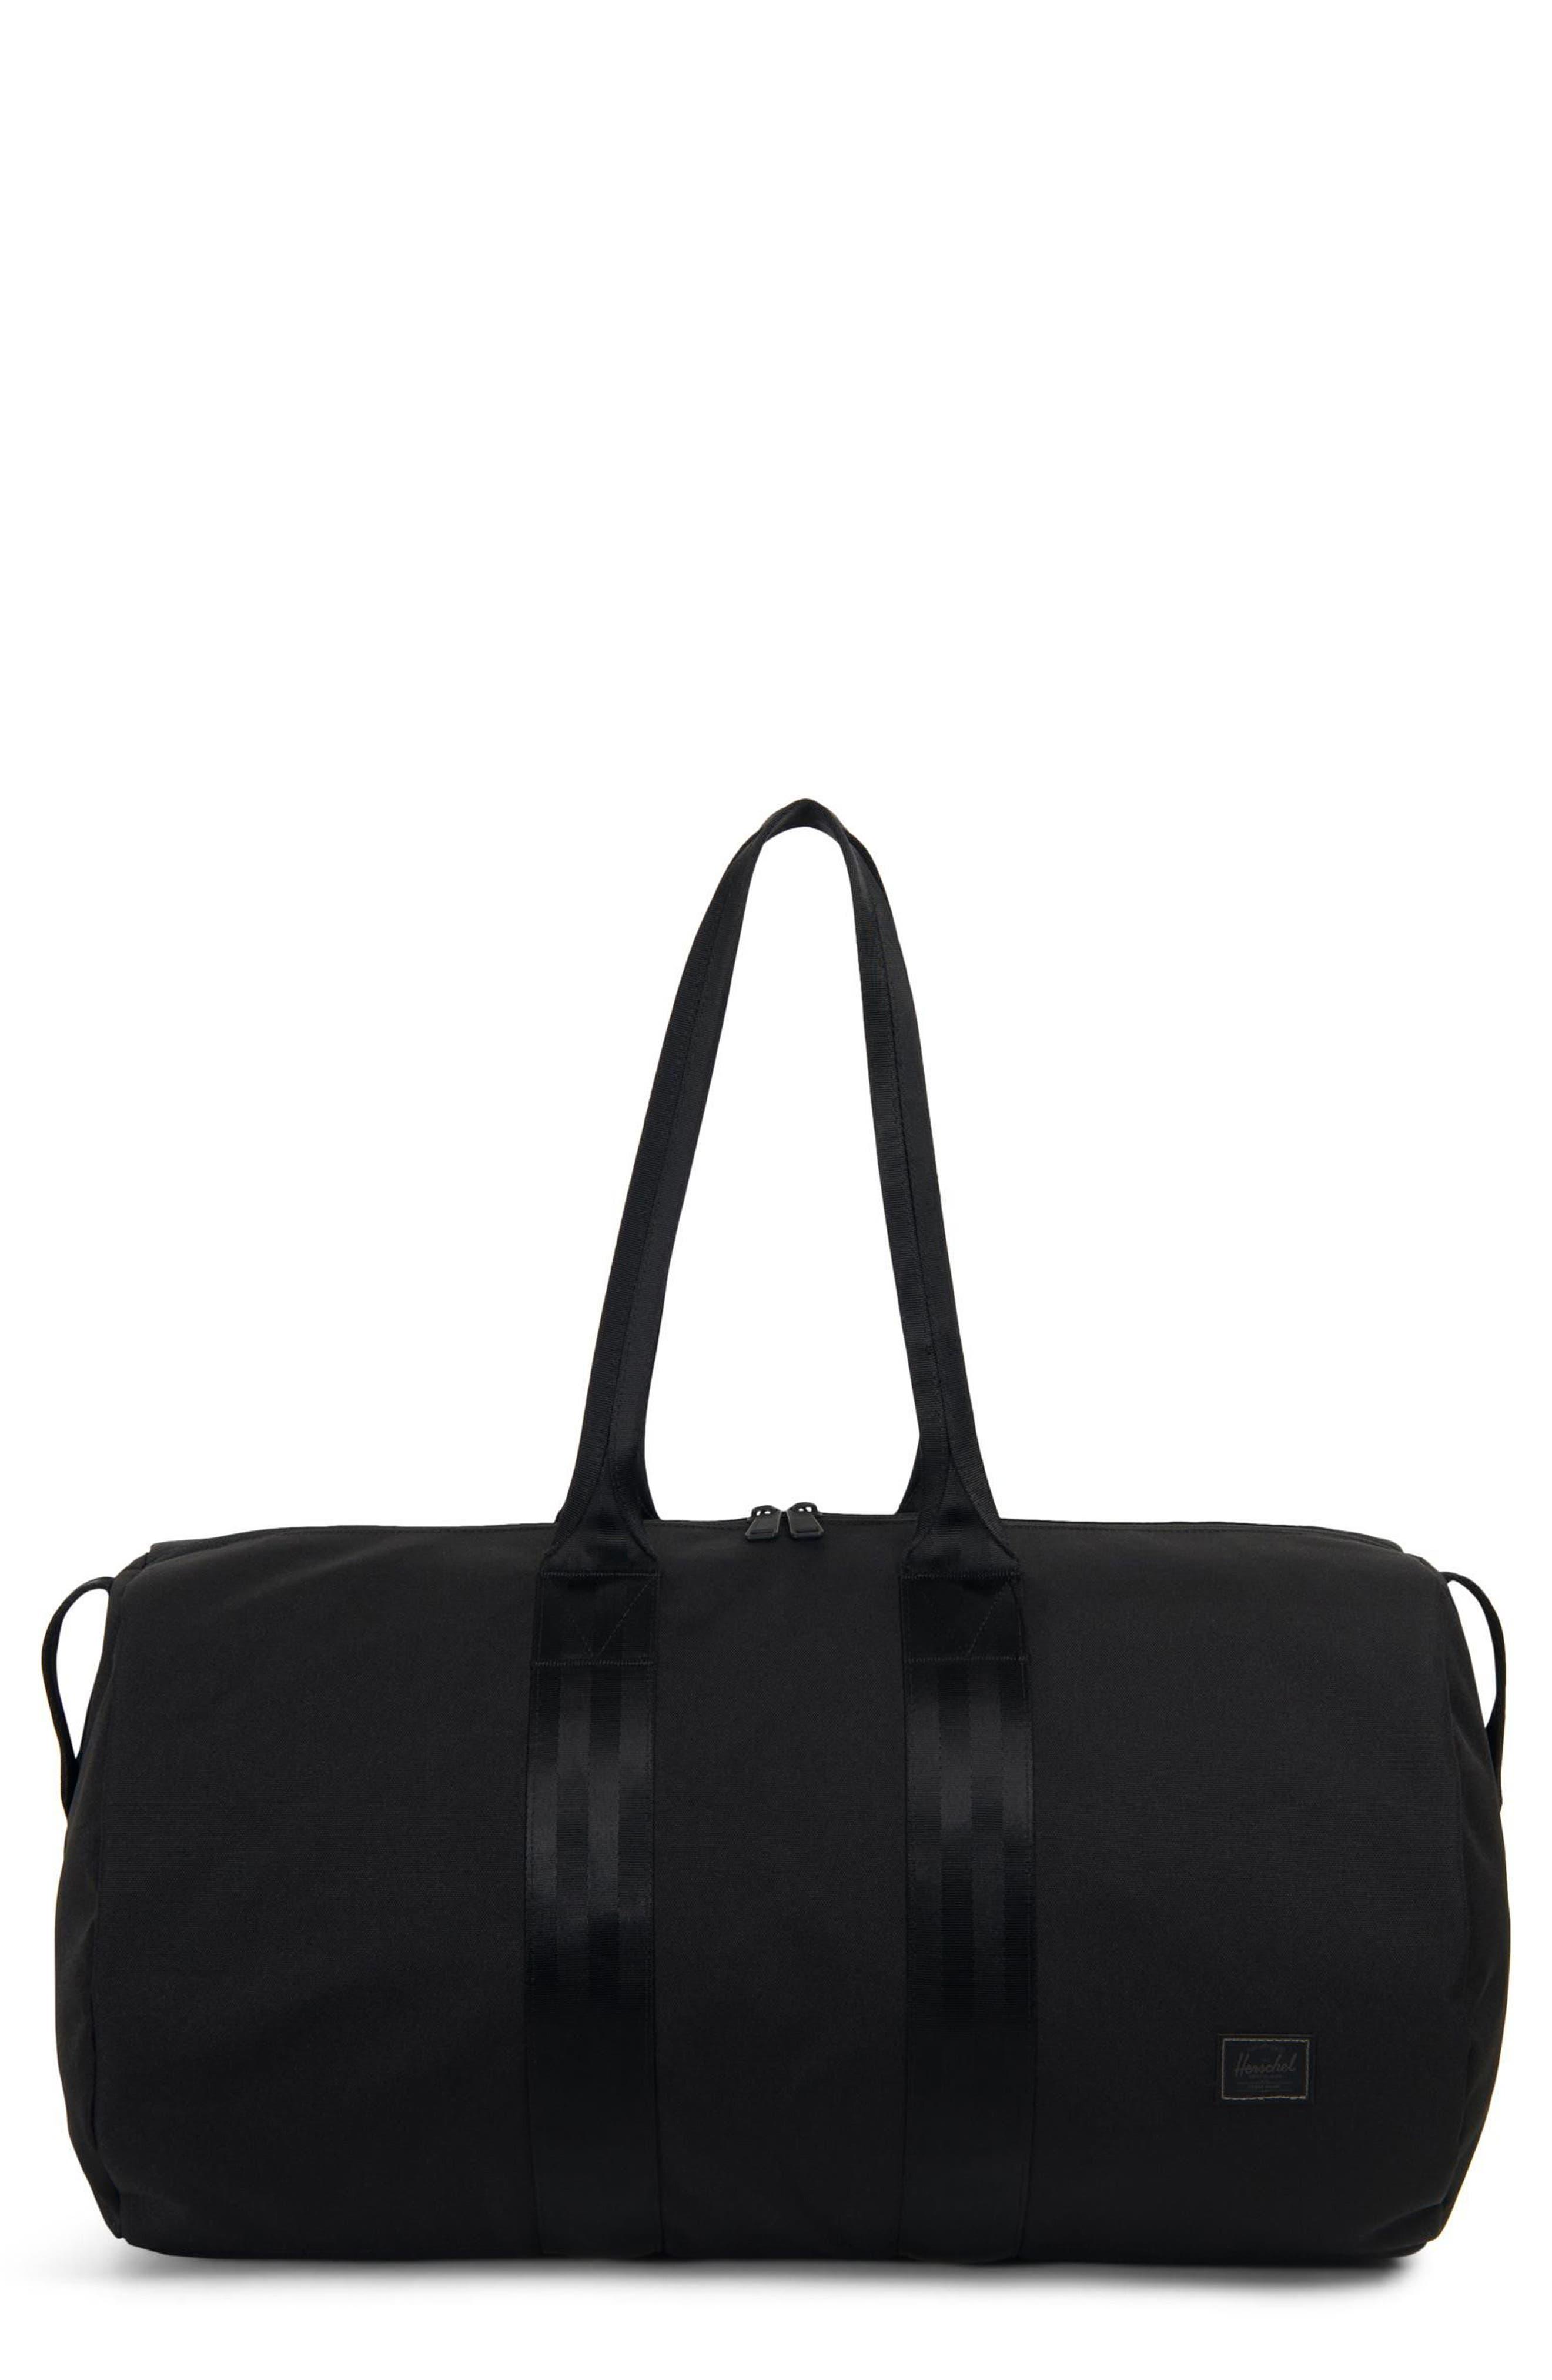 Hayward Duffel Bag,                         Main,                         color, BLACK